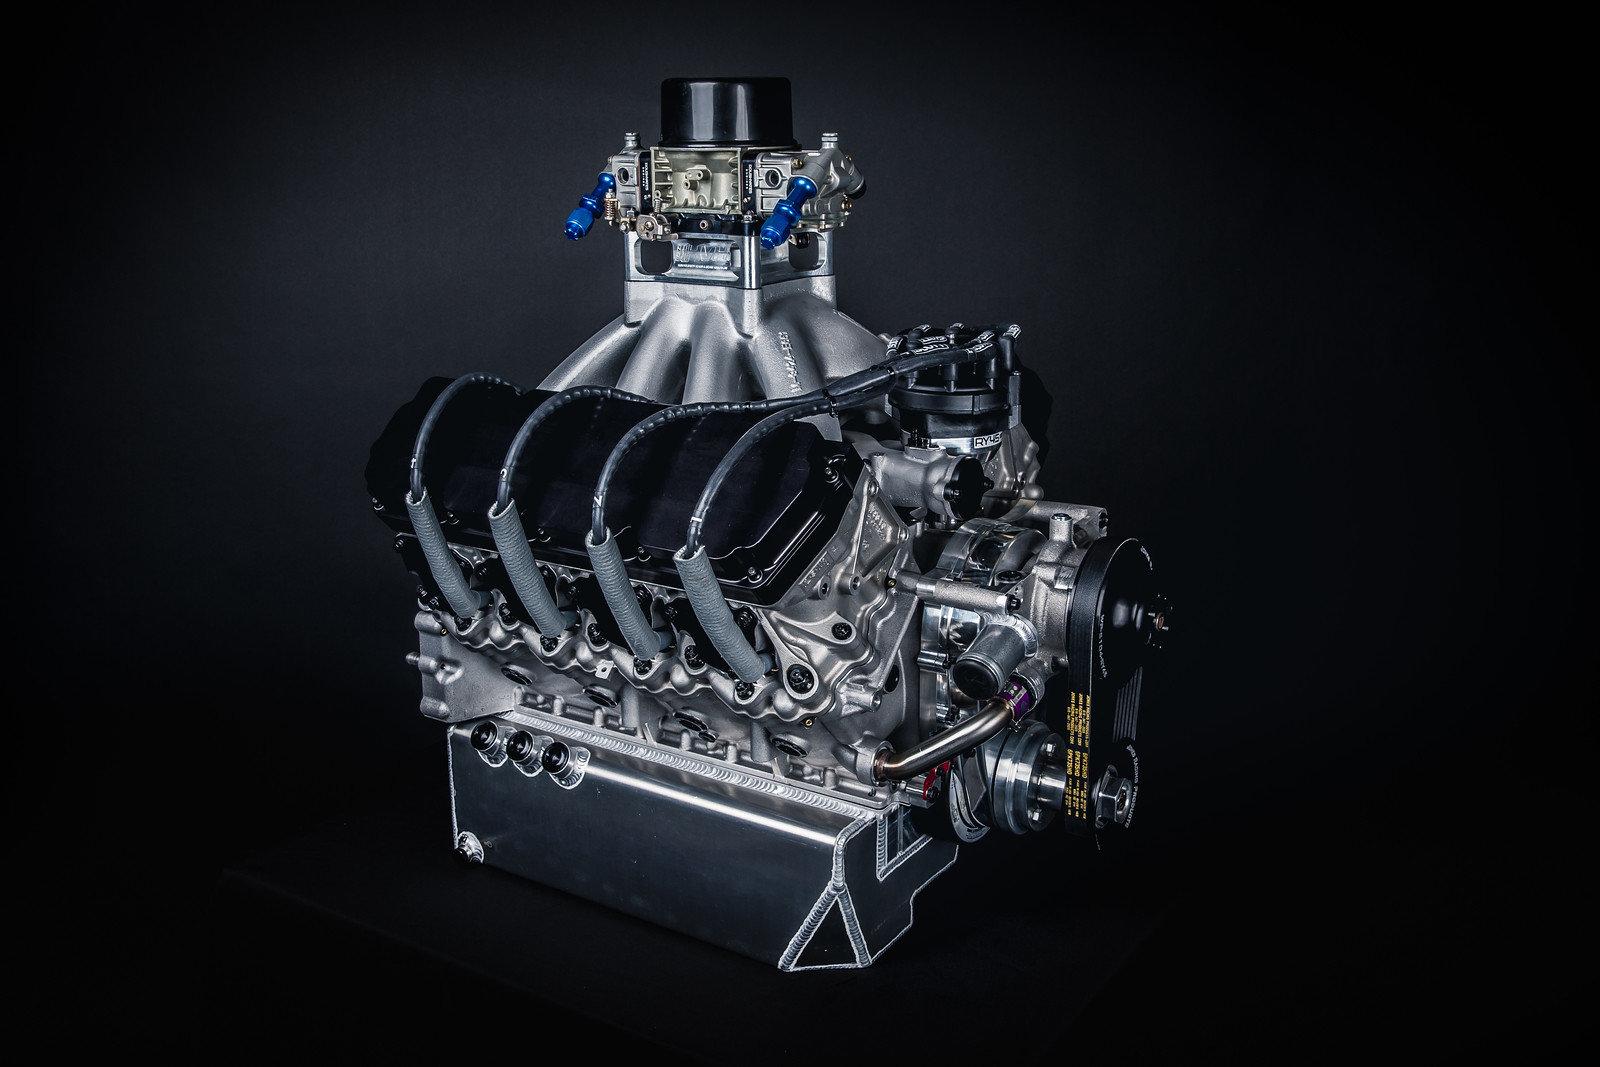 Roush Yates Engines Ry45 V8 Roush Yates Engines